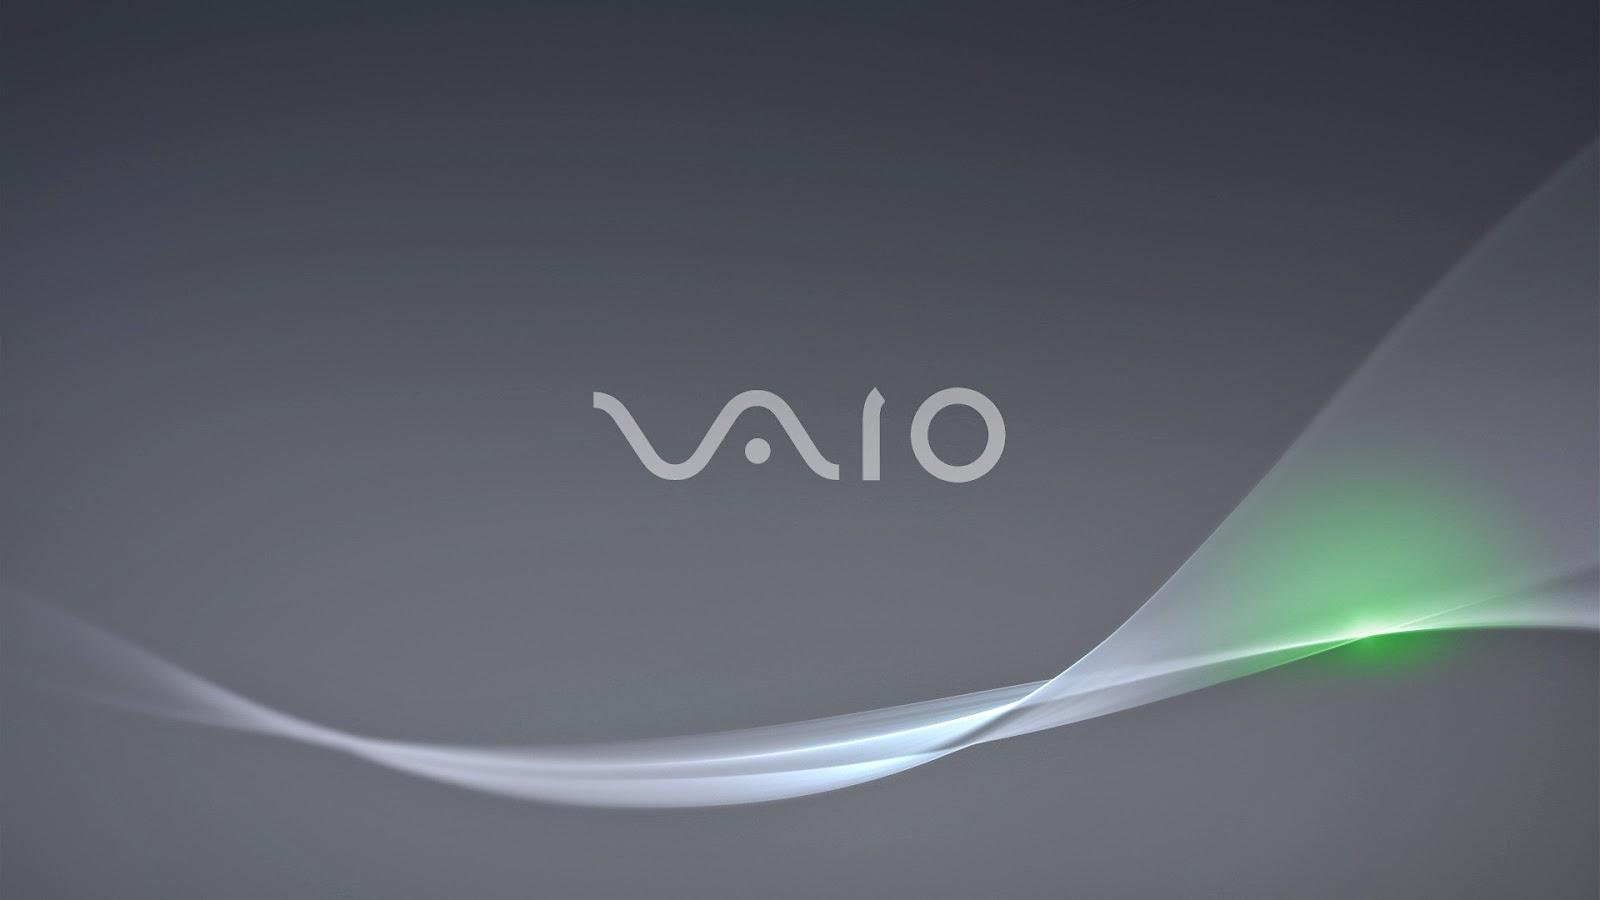 Vaio Computer Desktop HD Photos Download